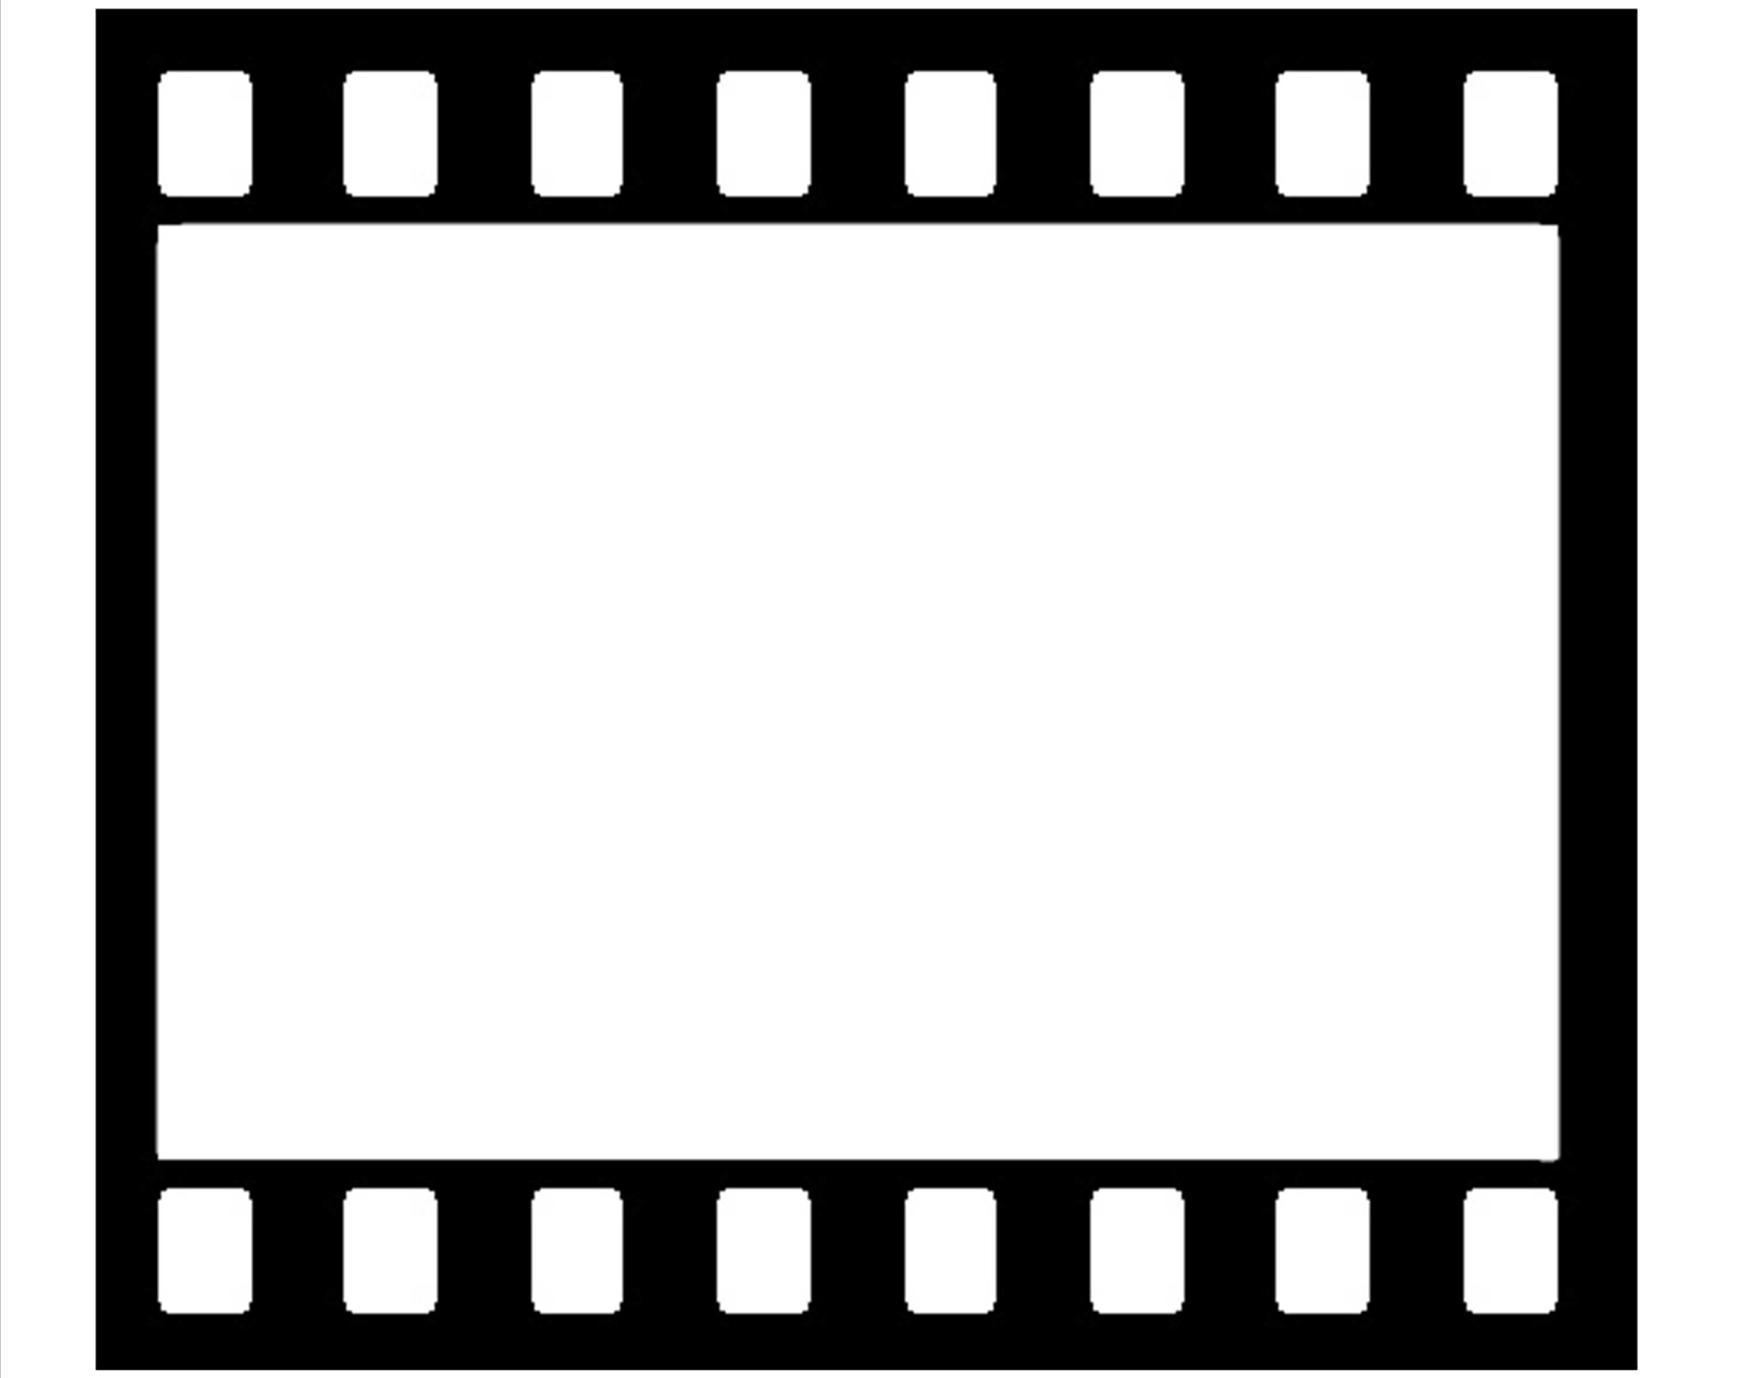 Movie Film Strip Clipart Free Clip Art I-Movie Film Strip Clipart Free Clip Art Images-11